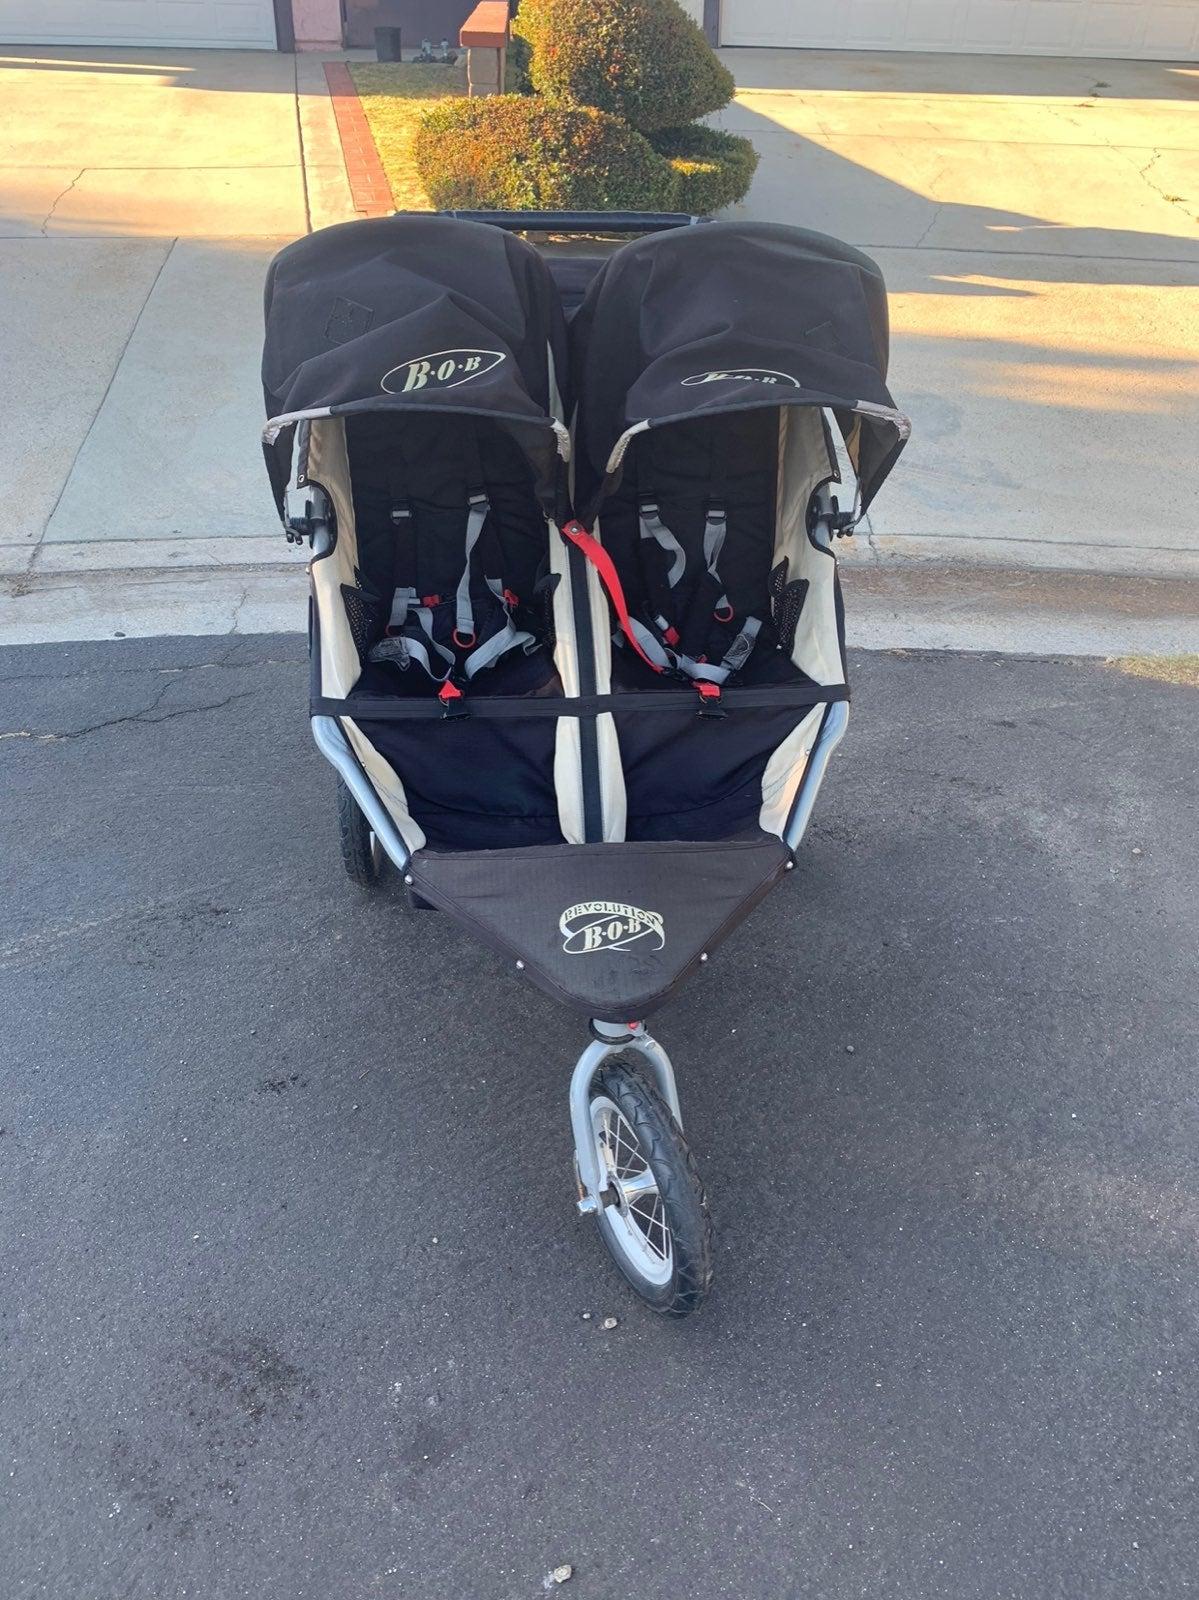 Bob revolution double stroller